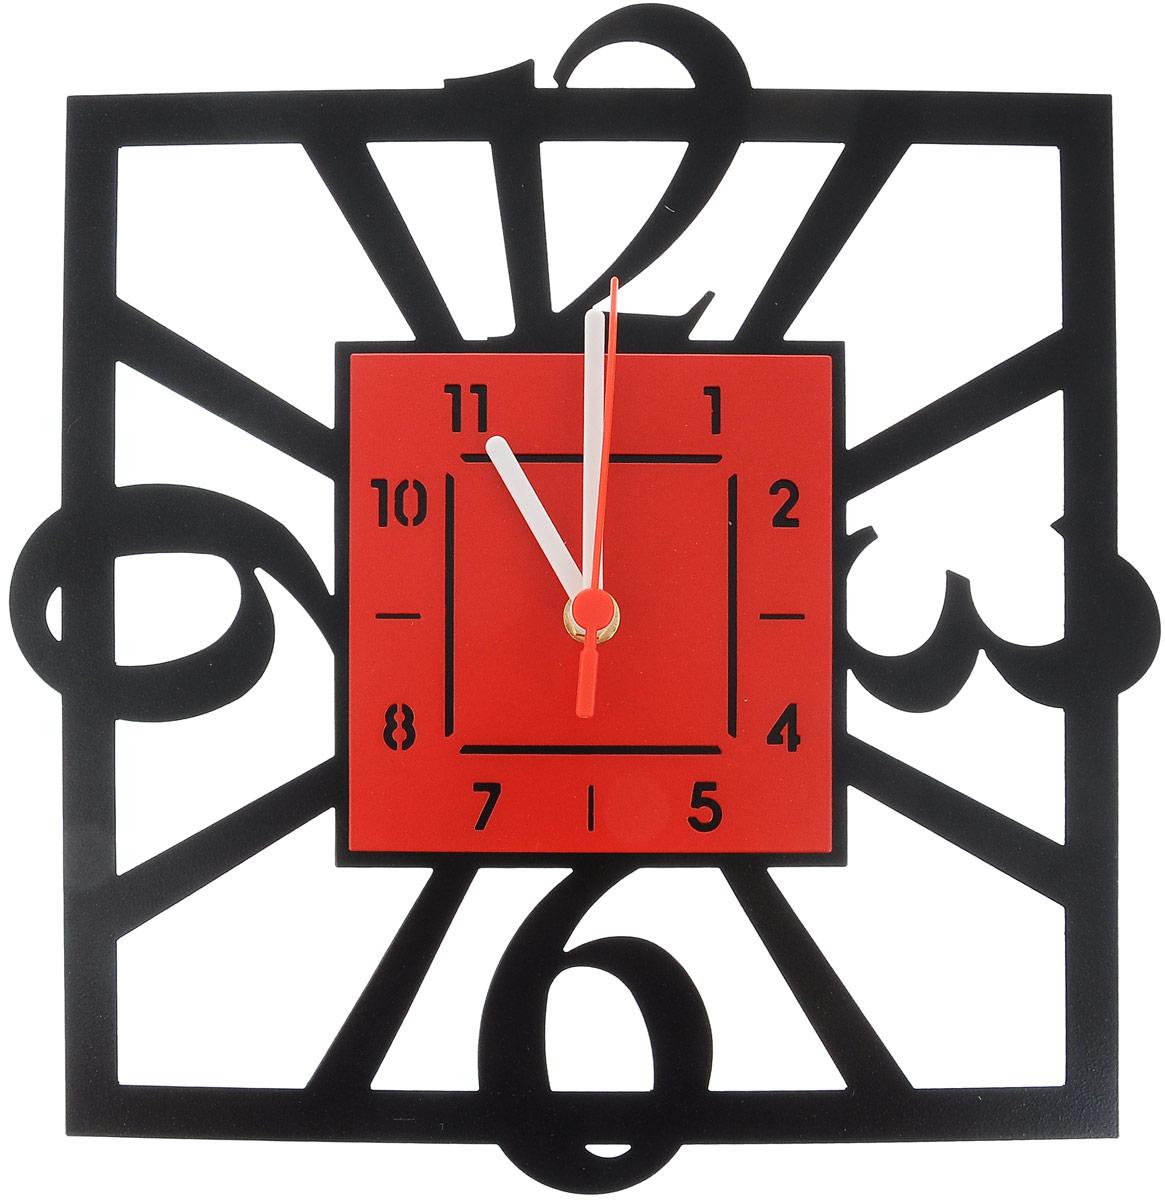 Часы настенные Miolla Квадратные, цвет: черный, красный17618Оригинальные настенные часы Miolla квадратной формы выполнены из стали. Часы имеют три стрелки - часовую, минутную и секундную и циферблат с цифрами. Необычное дизайнерское решение и качество исполнения придутся по вкусу каждому.Оформите свой дом таким интерьерным аксессуаром или преподнесите его в качестве презента друзьям, и они оценят ваш оригинальный вкус и неординарность подарка.Размер часов: 29 х 30 см.Часы работают от 1 батарейки типа АА напряжением 1,5 В (в комплект не входит).